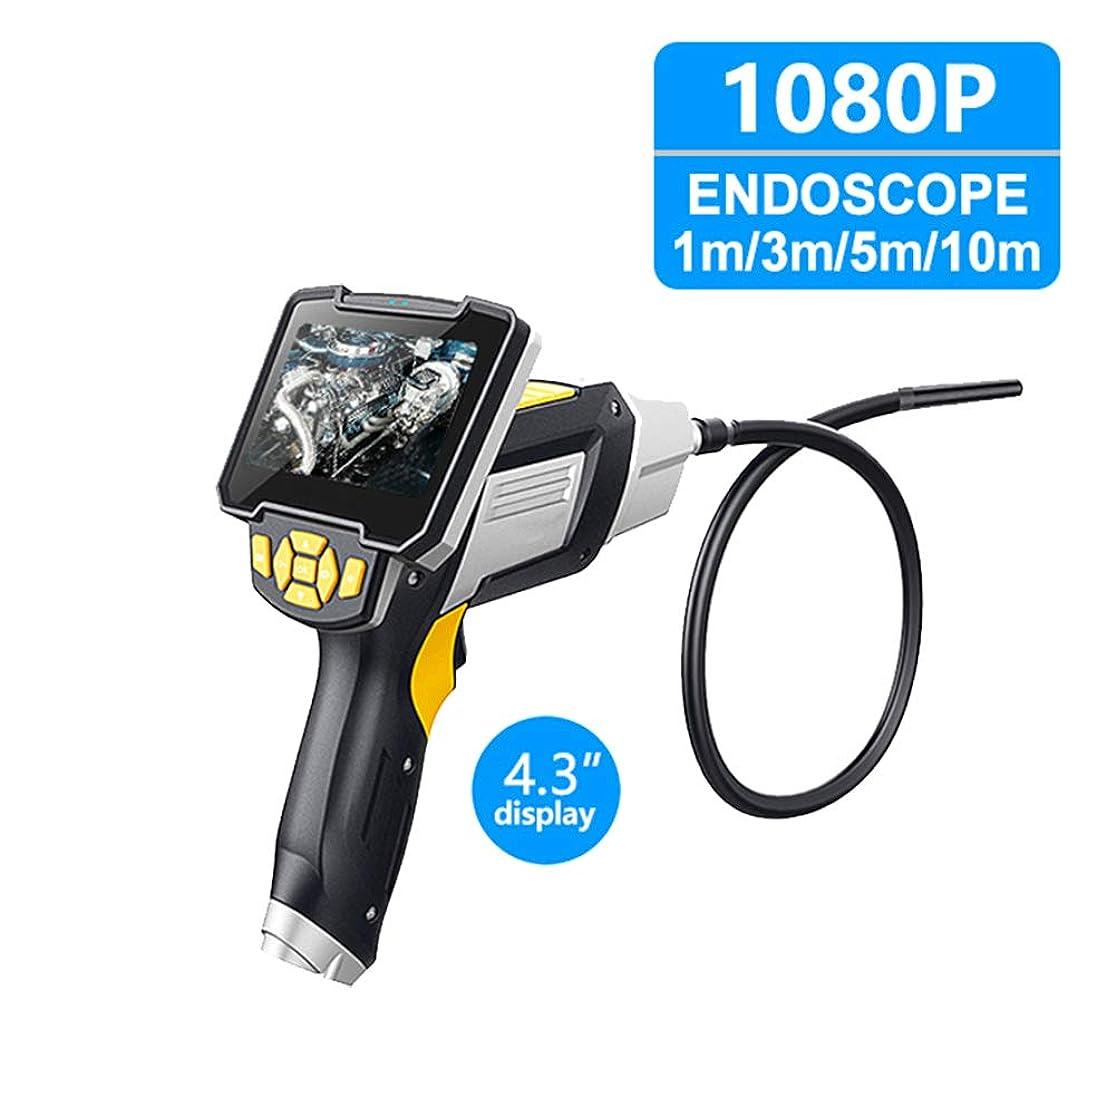 農業多くの危険がある状況こだわりAntscope 4.3インチ工業用内視鏡1080 p検査カメラ用自動修復ツールスネークハードハンドヘルドwifi内視鏡アンドロイド35